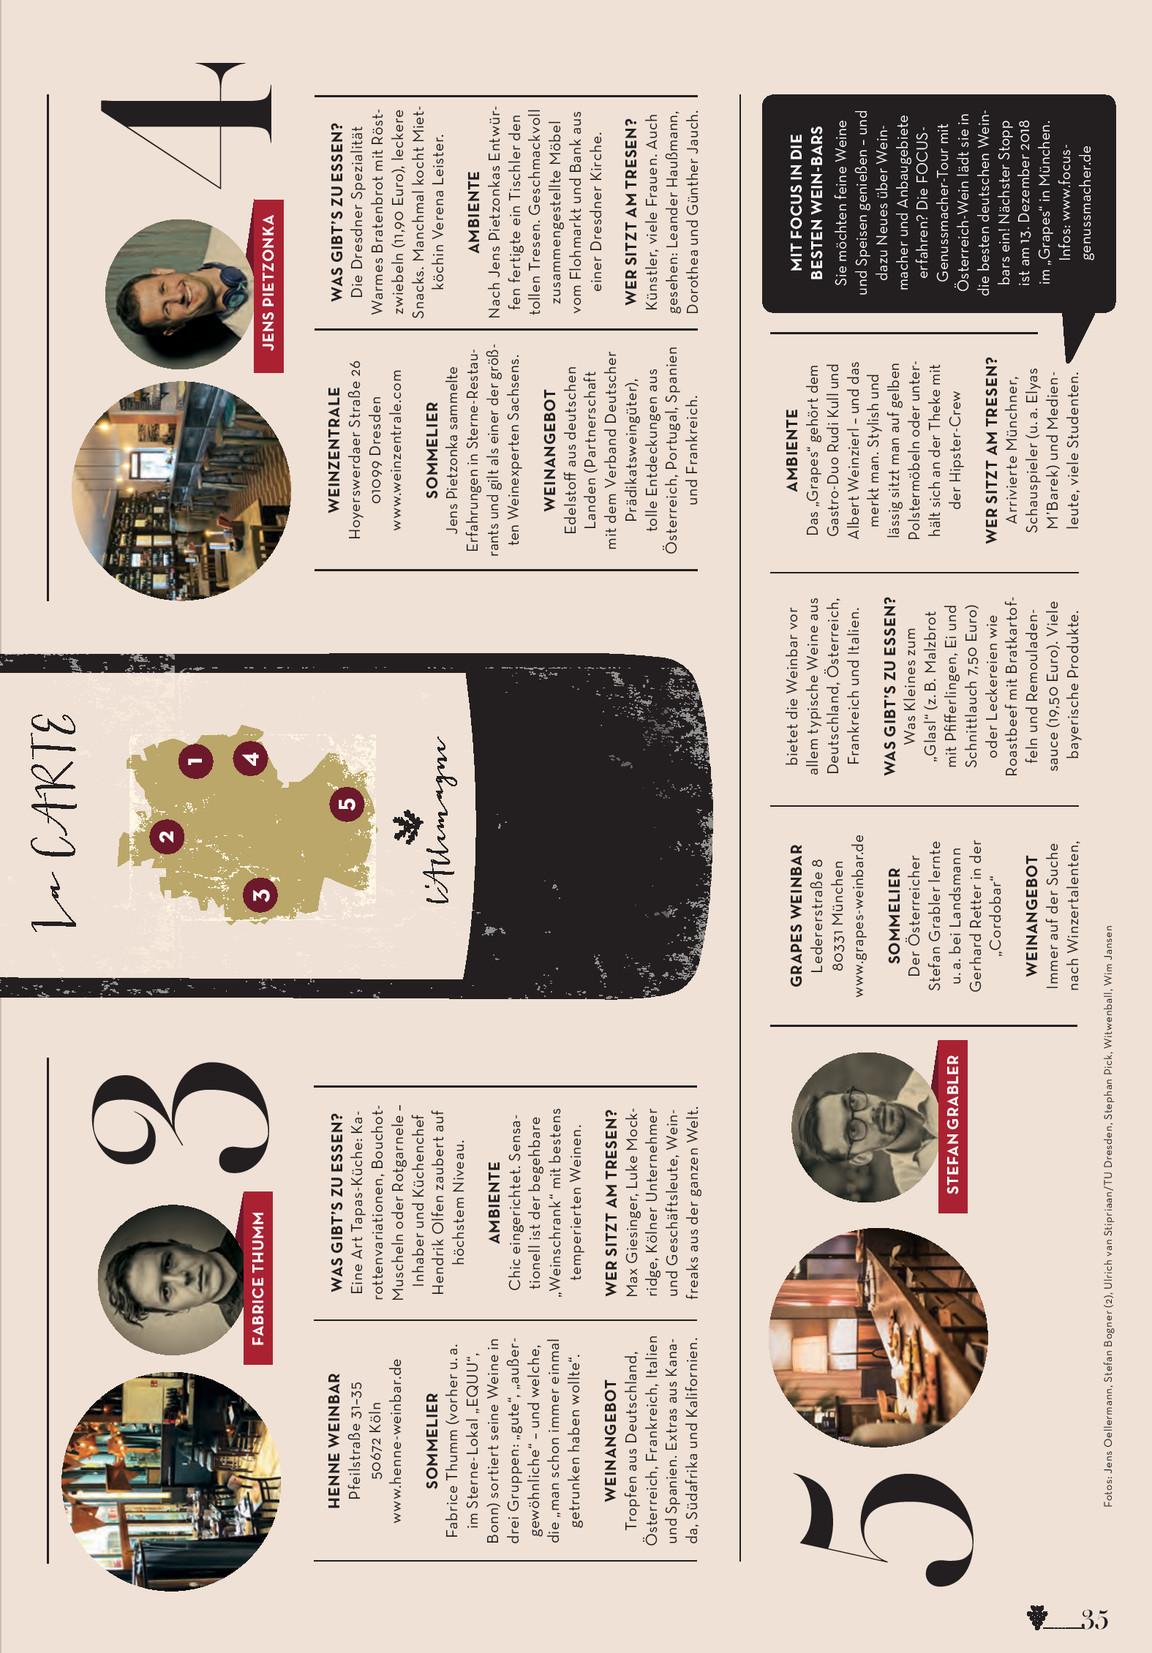 Gratis Wein Genuss Special Focus Magazin